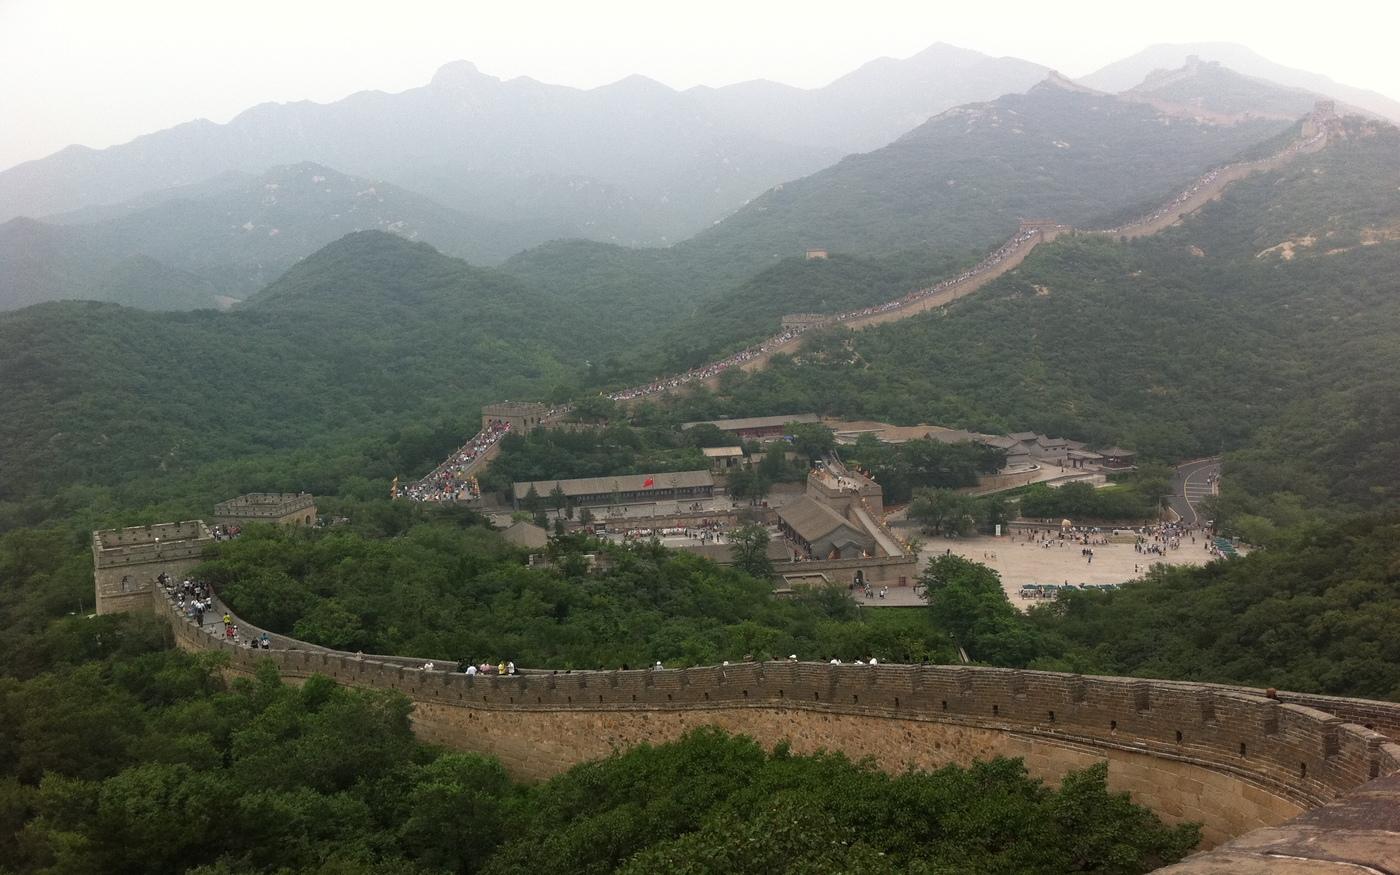 Mur Chiński doskonale wkomponowany w masyw górski